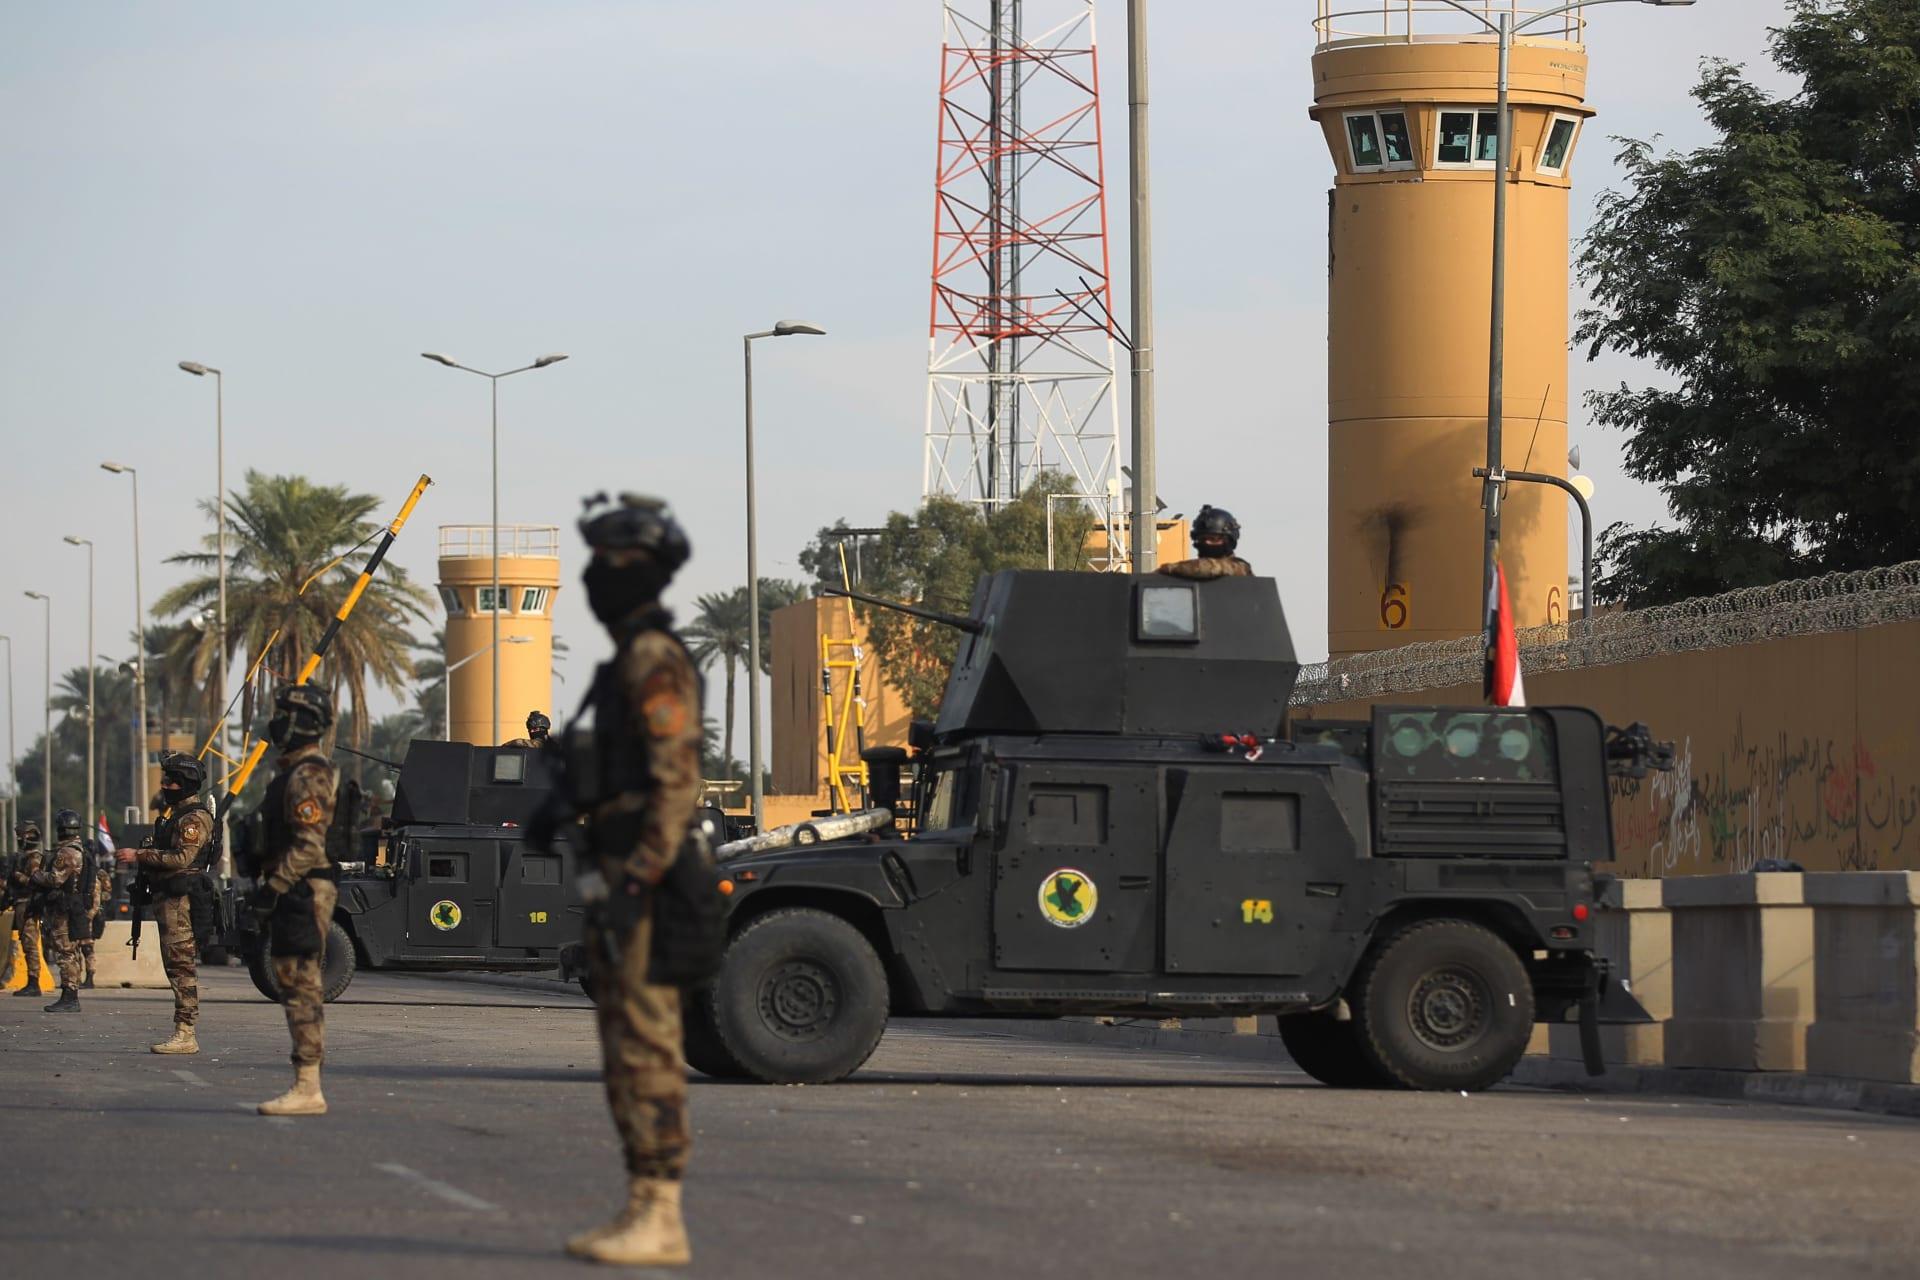 أمريكا تسحب مؤقتا موظفي سفارتها في بغداد وسط مخاوف من انتقام إيران مع حلول ذكرى مقتل سليماني